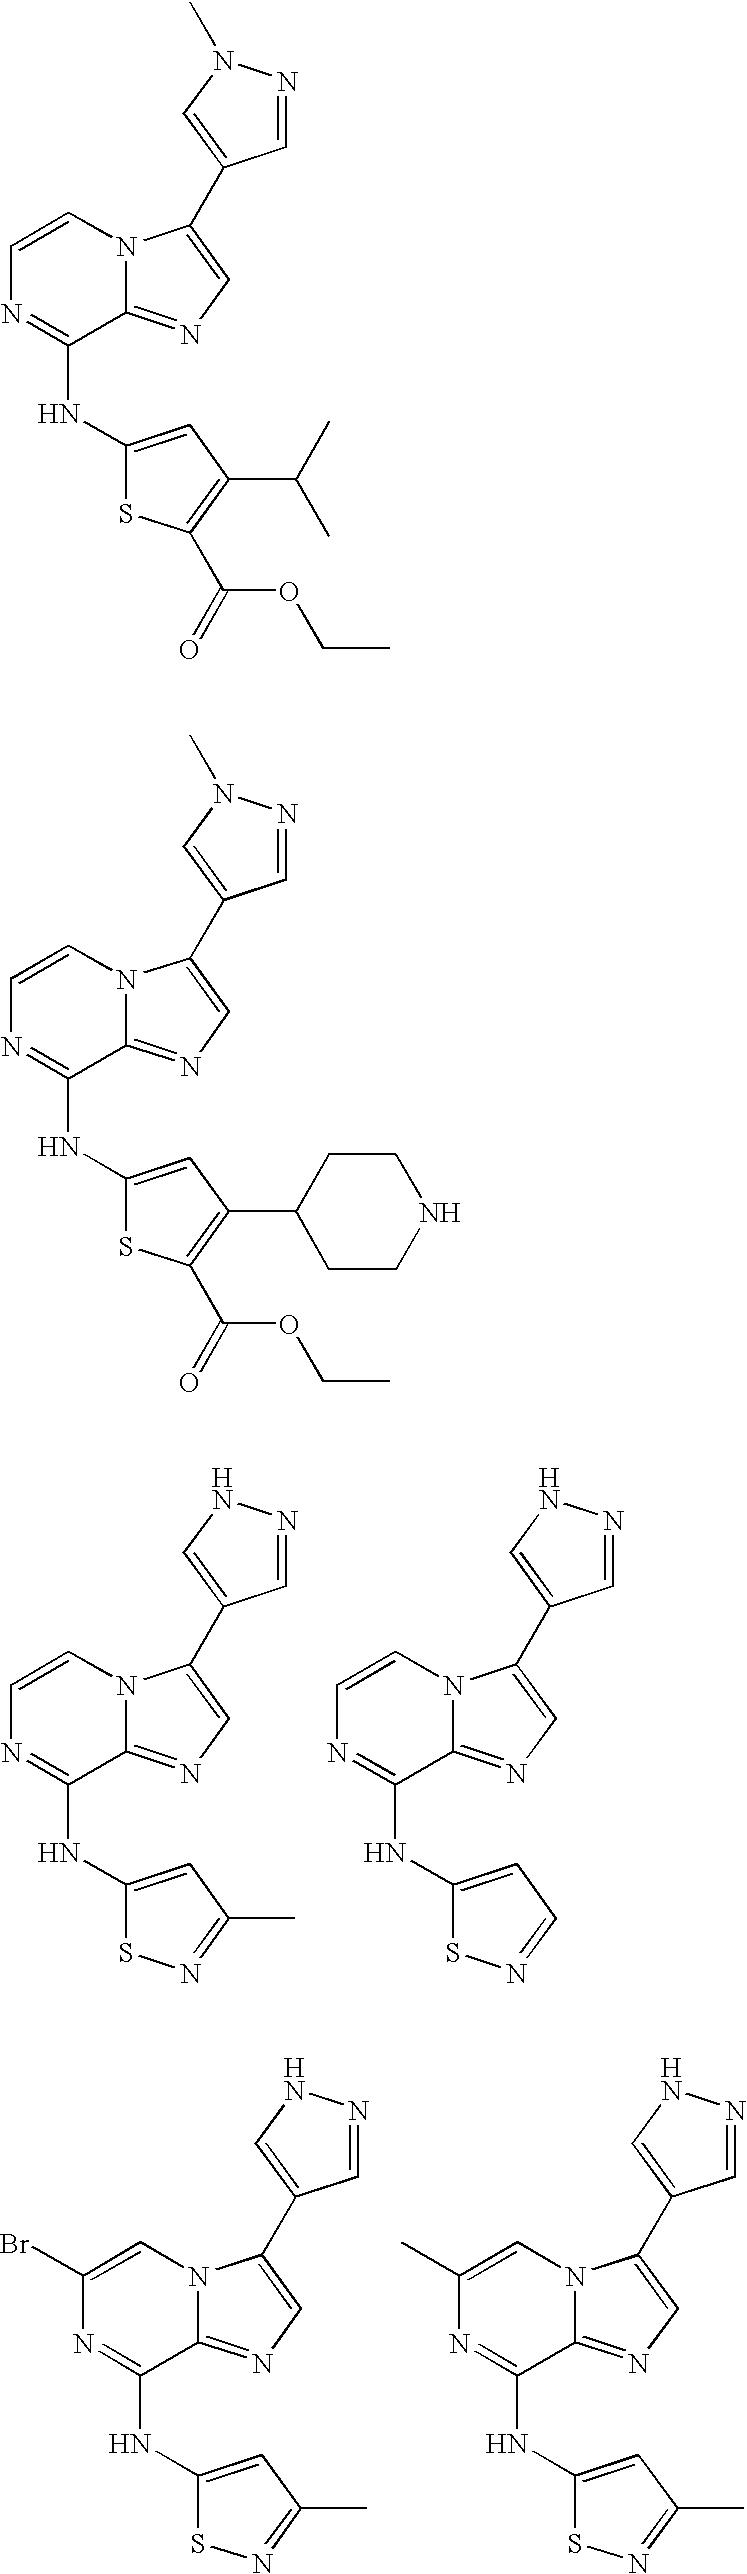 Figure US20070117804A1-20070524-C00064